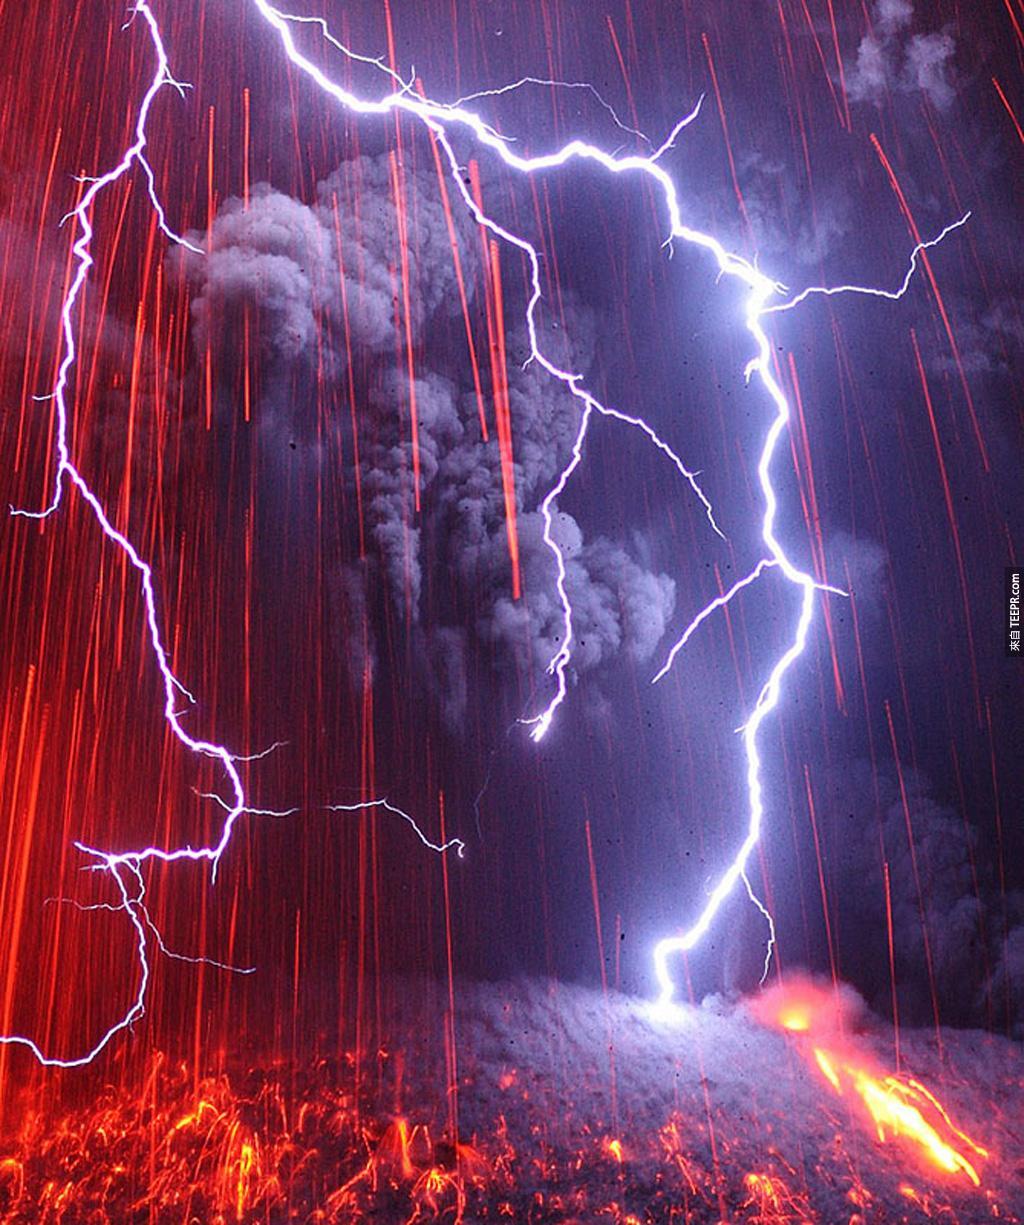 最恐怖的組合: 火山爆發 + 雷電風暴 (日本九州)。